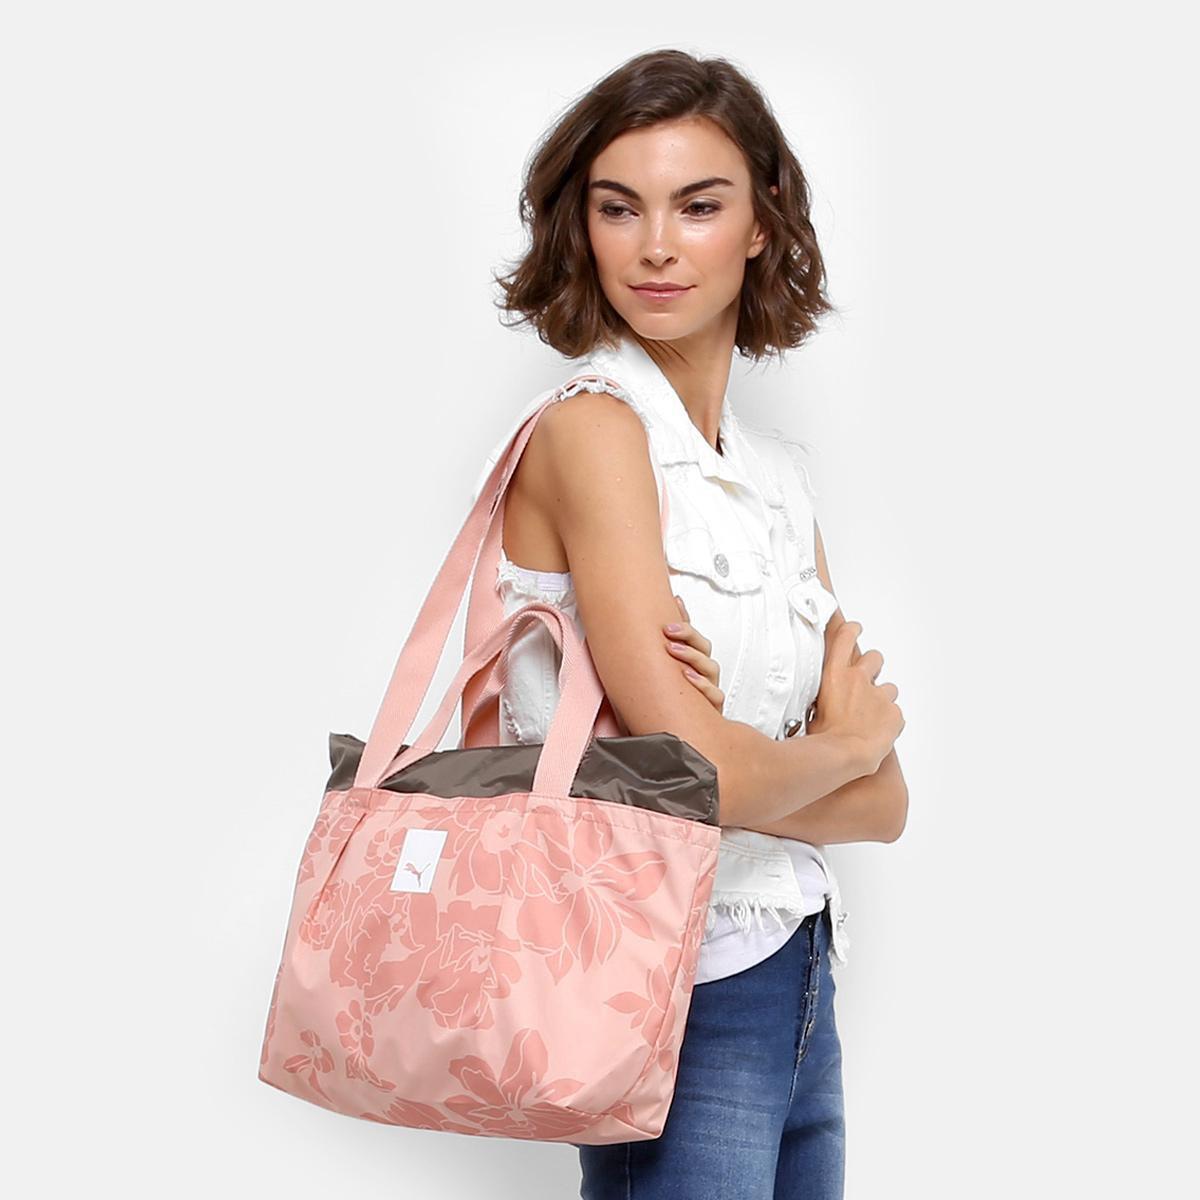 Rosa Shopper Feminina Large Large Shopper Puma Prime Bolsa Prime Puma Bolsa vREHpnwEBq